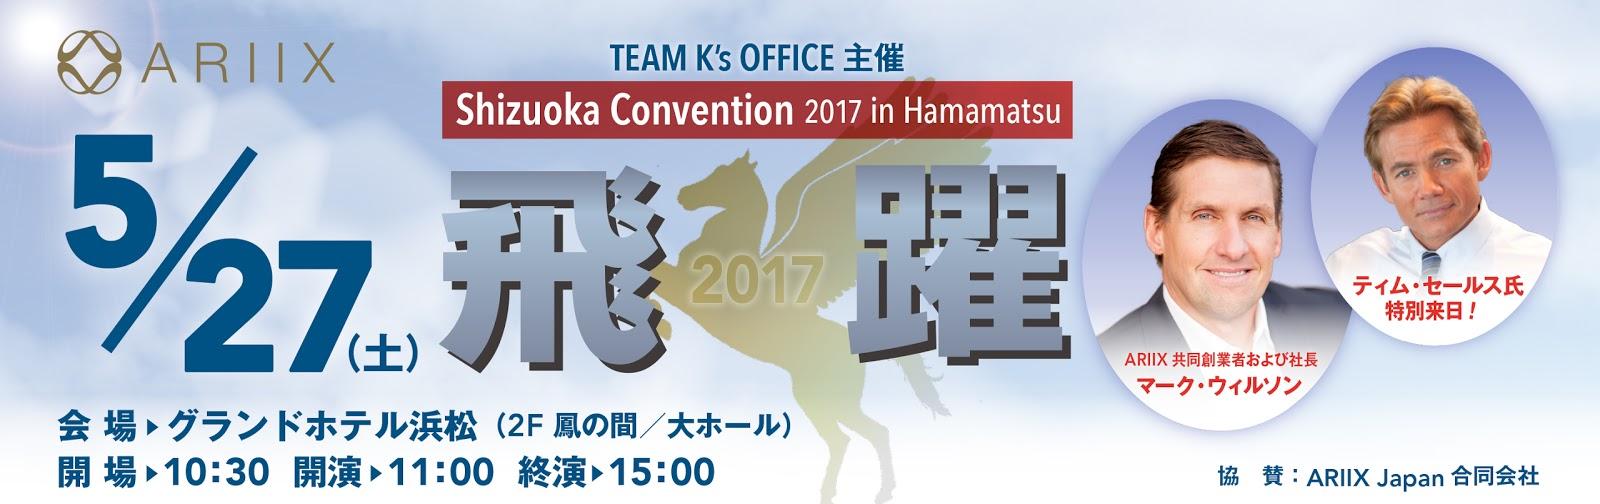 「飛躍 2017 IN HAMAMATSU」開催のお知らせ